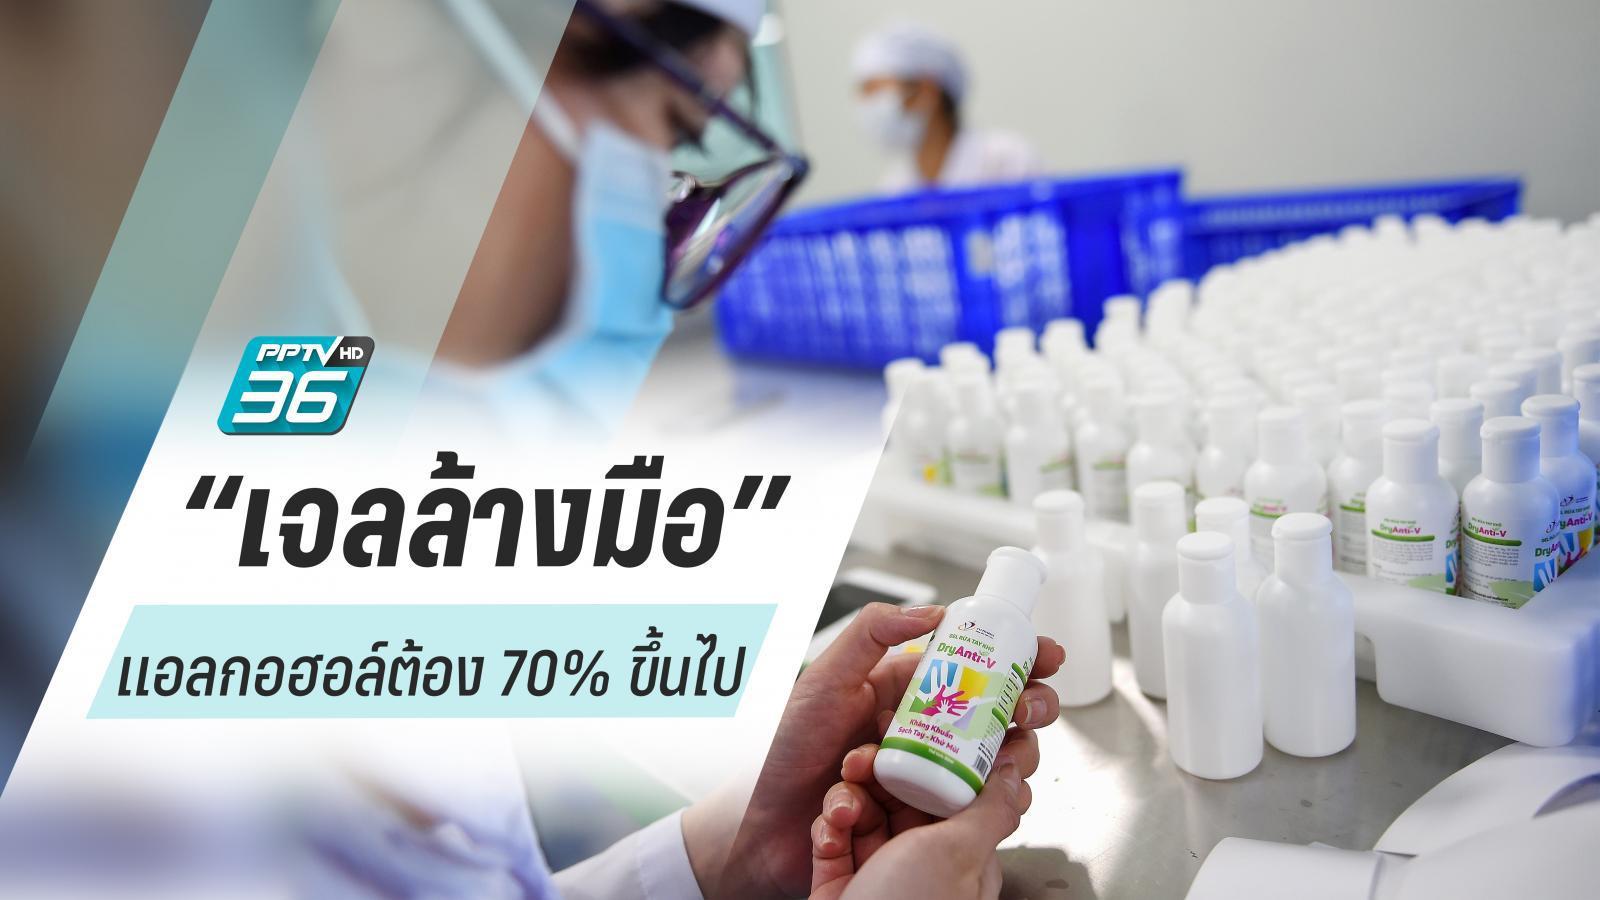 หมอแนะ ป้องกัน โควิด-19 เจลล้างมือต้องมีแอลกอฮอล์ 70-95% เชื้อตายแน่นอน